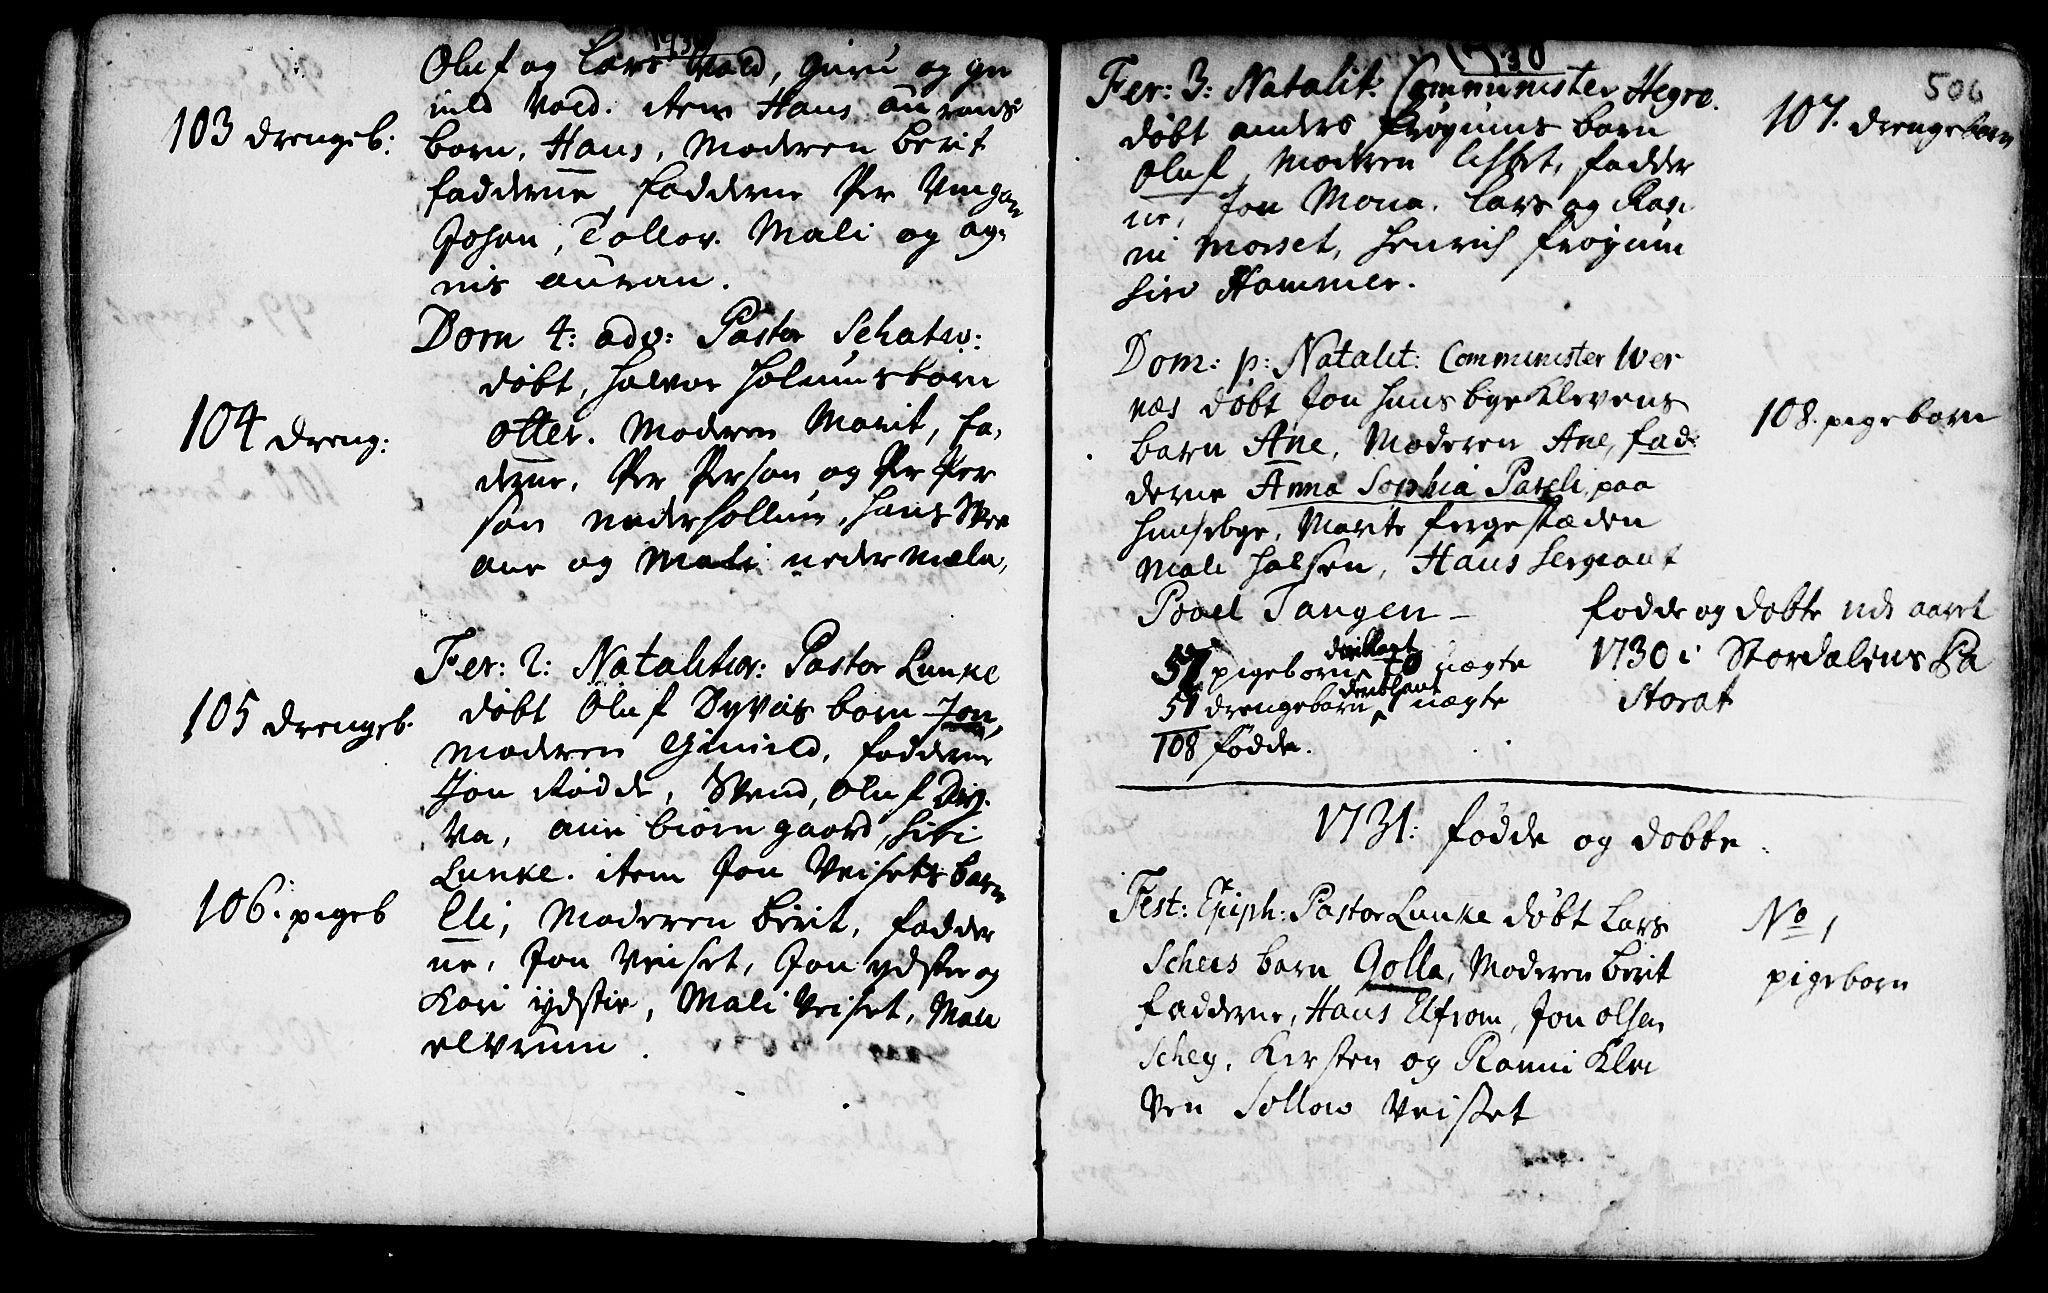 SAT, Ministerialprotokoller, klokkerbøker og fødselsregistre - Nord-Trøndelag, 709/L0055: Ministerialbok nr. 709A03, 1730-1739, s. 505-506